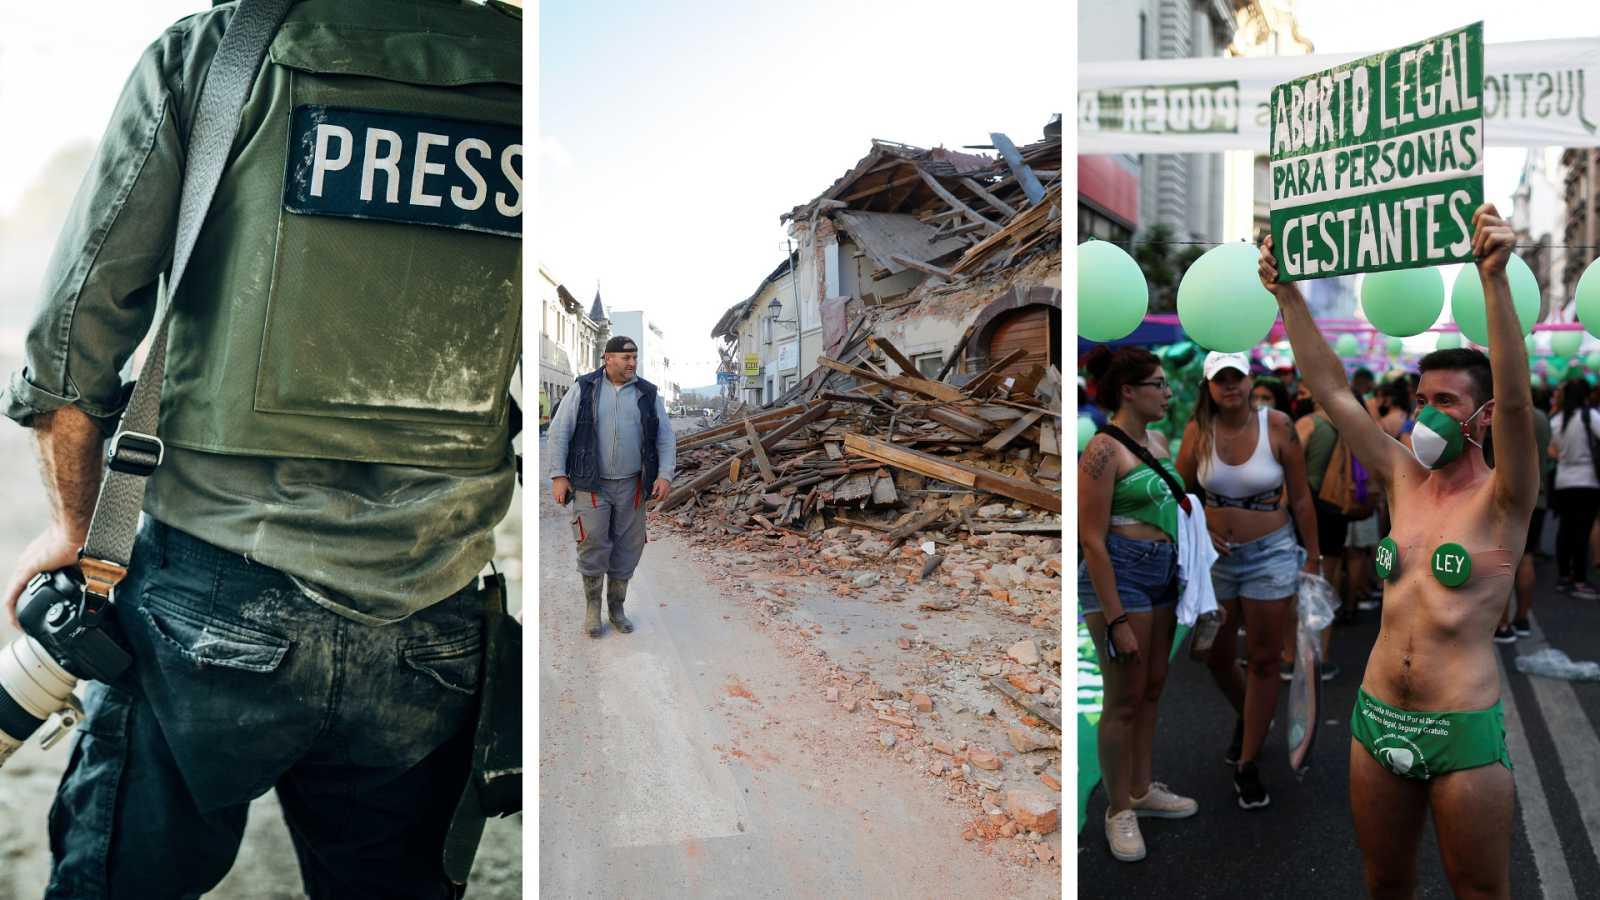 Cinco continentes - 50 periodistas asesinados en 2020 - Escuchar ahora